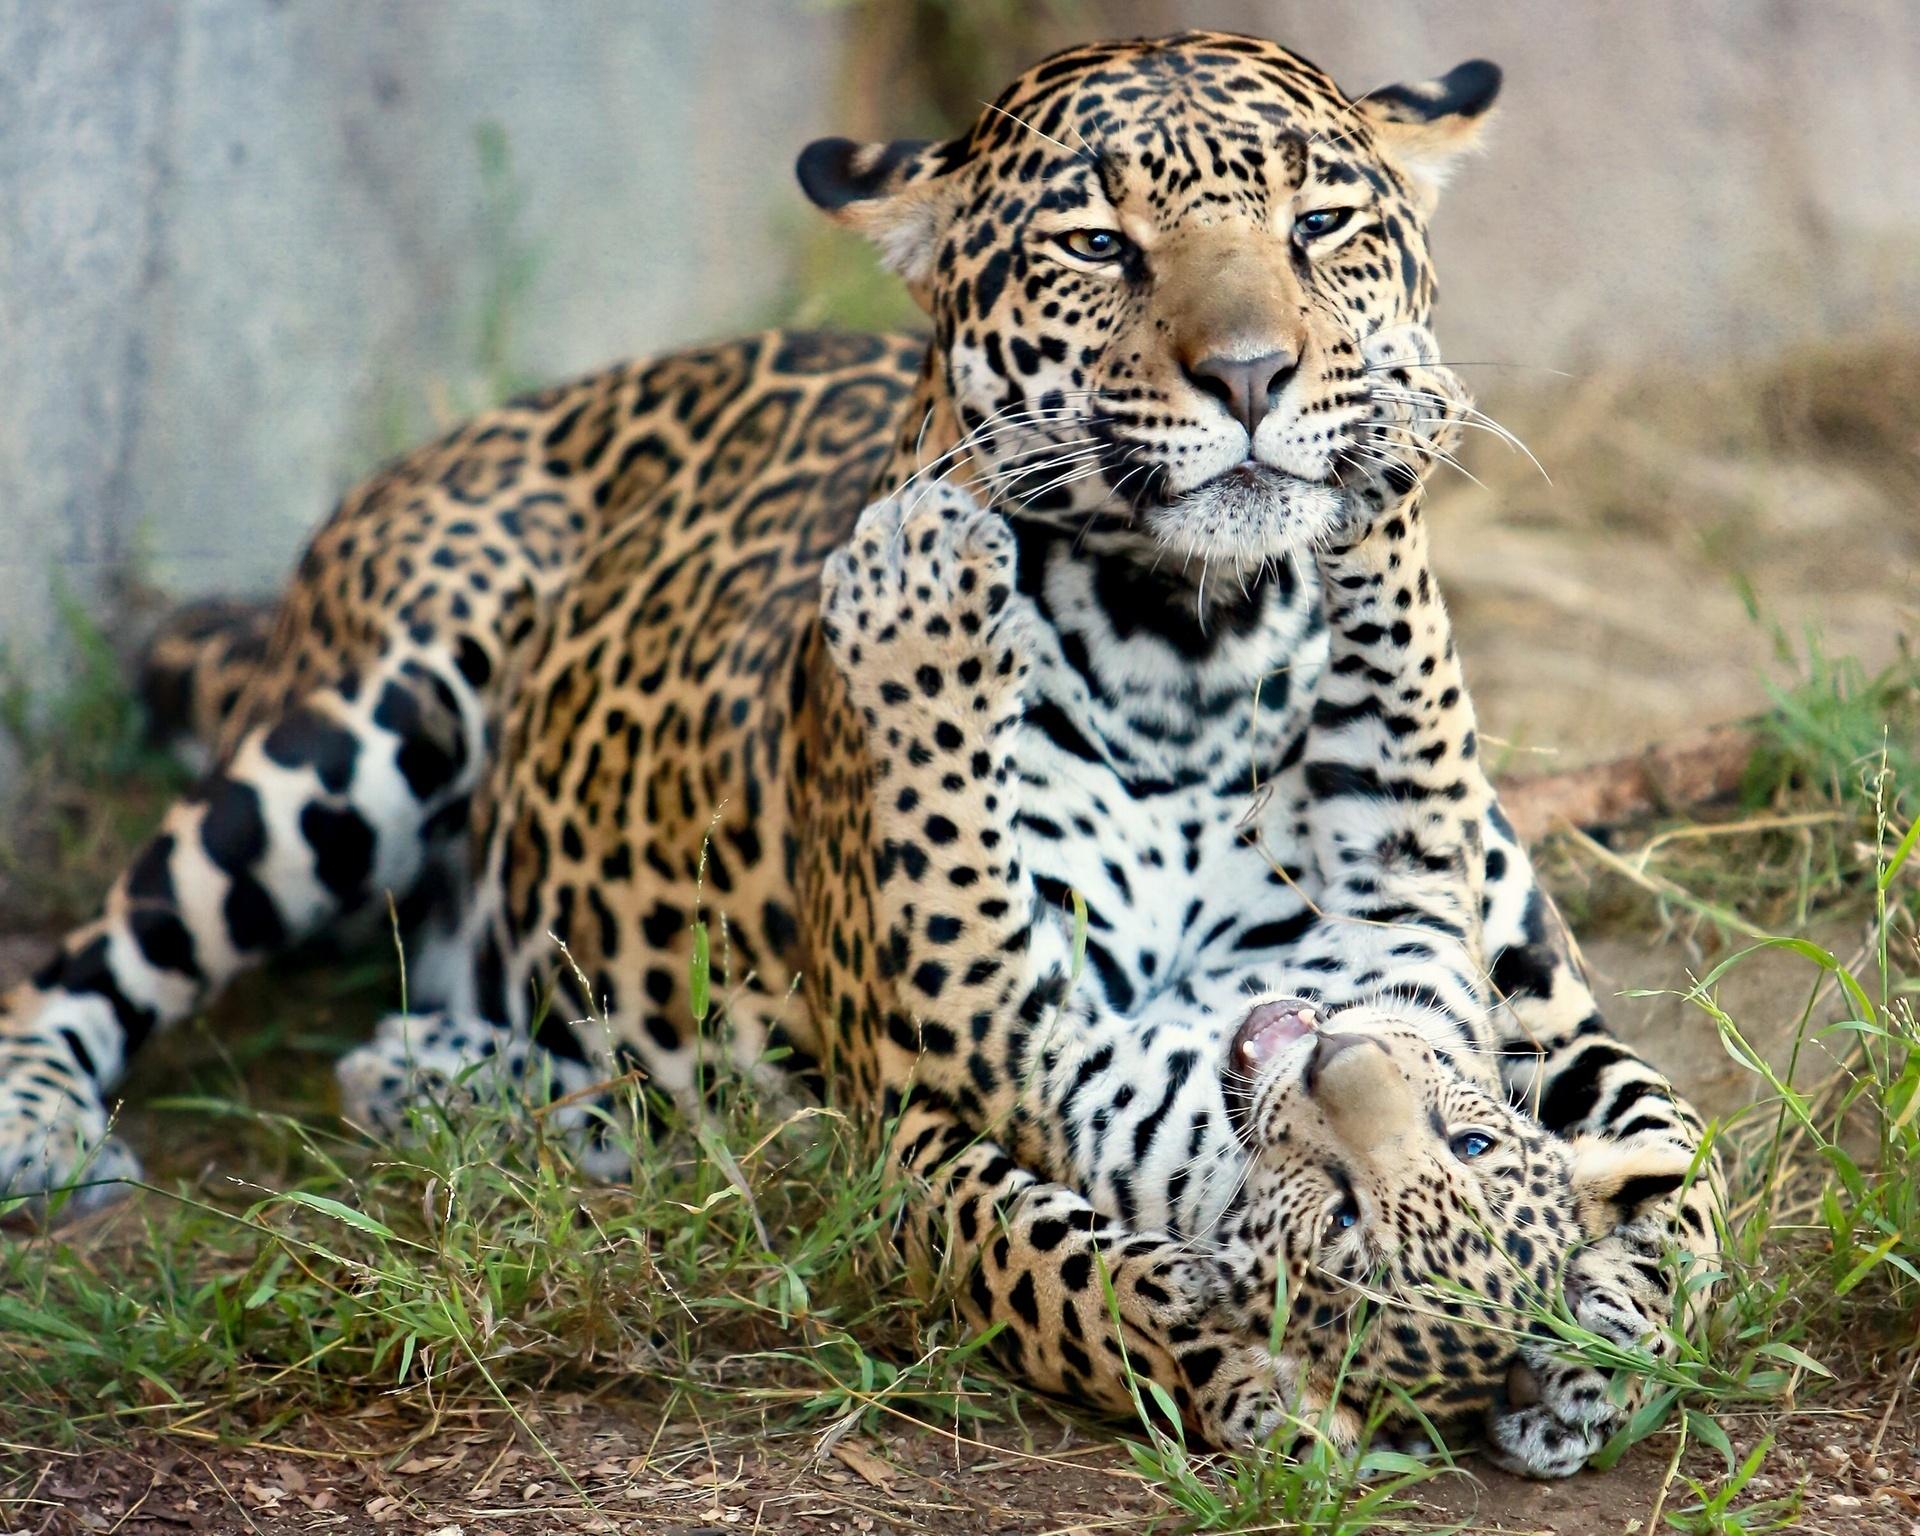 112396 Screensavers and Wallpapers Predators for phone. Download Animals, Cats, Jaguar, Predators, Kitty, Kitten, Motherhood, Baby Jaguar, Jaguar Cub pictures for free